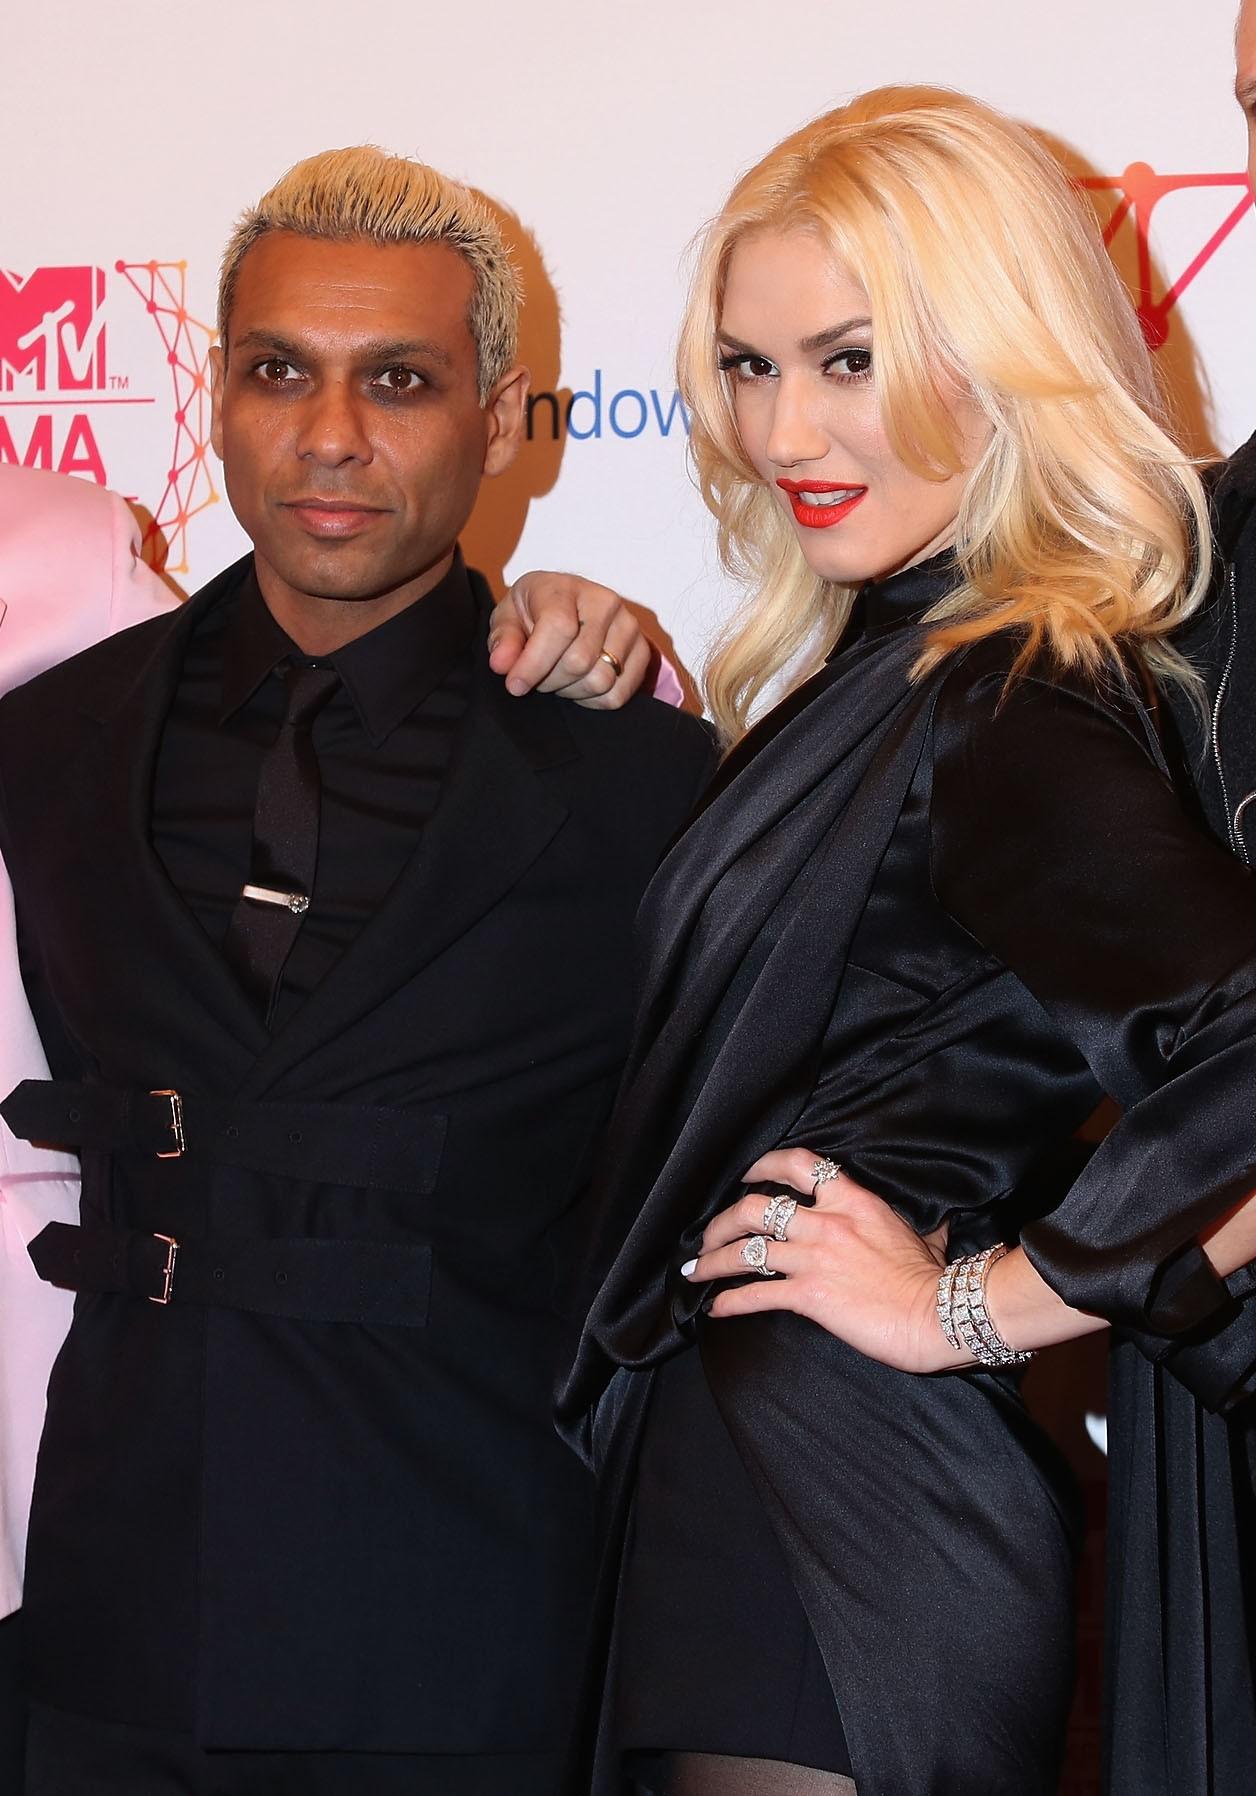 Foi um longo caminho para Gwen Stefani tornar o No Doubt um sucessso. Ela é a vocalista do grupo e Tony Kanal é o baixista. Eles terminaram a relação pouco antes de estourarem no mundo. Apesar de estarem separados, os dois souberam trabalhar juntos e produziram diversos sucessos, como 'Don´t Speak' e 'Simple Kind of Life'. (Foto: Getty Images)